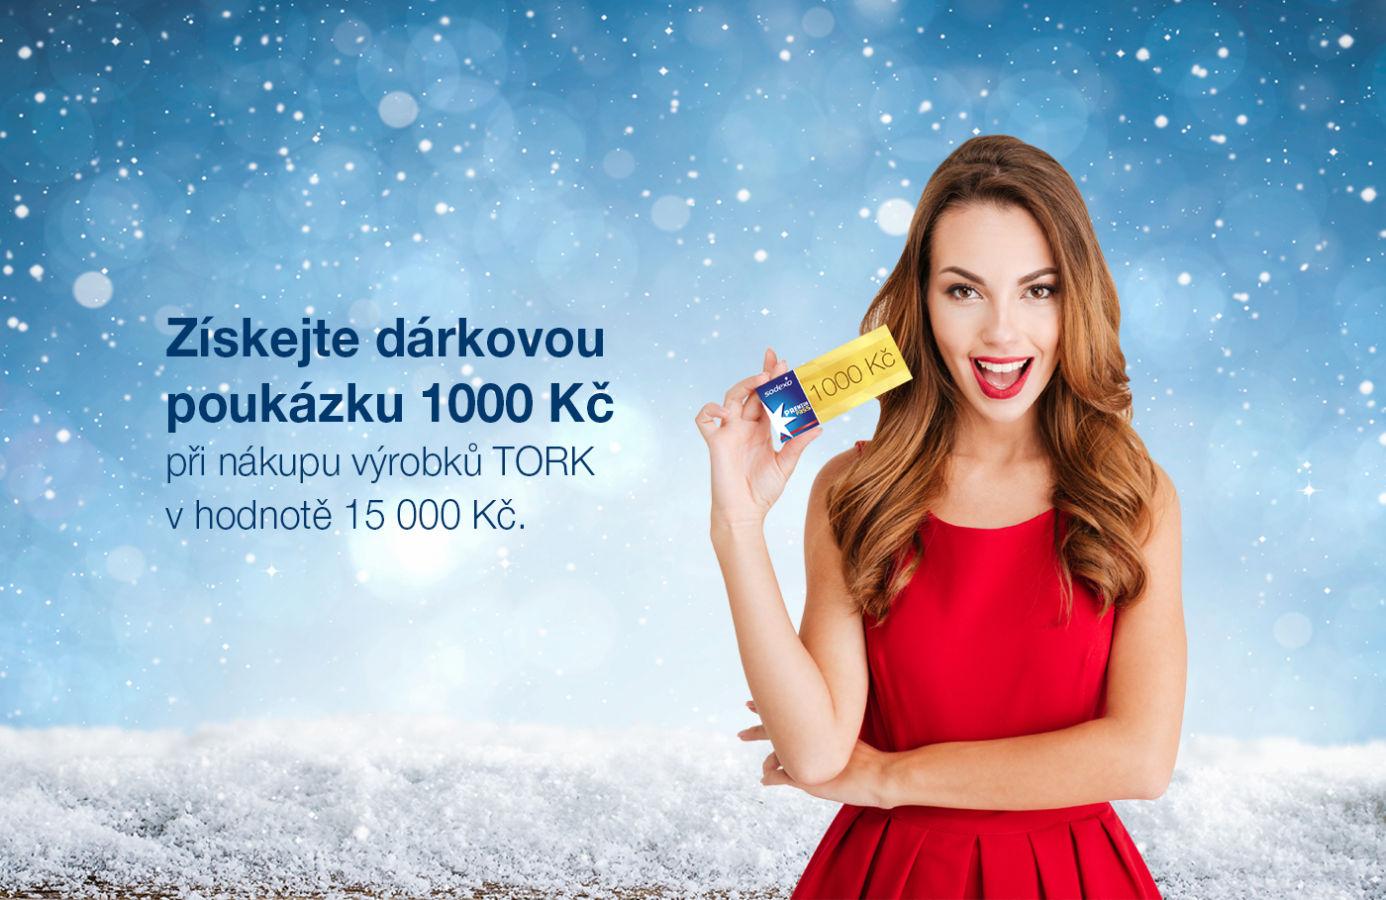 Pořiďte si výrobky TORK a získejte dárek 1000 Kč